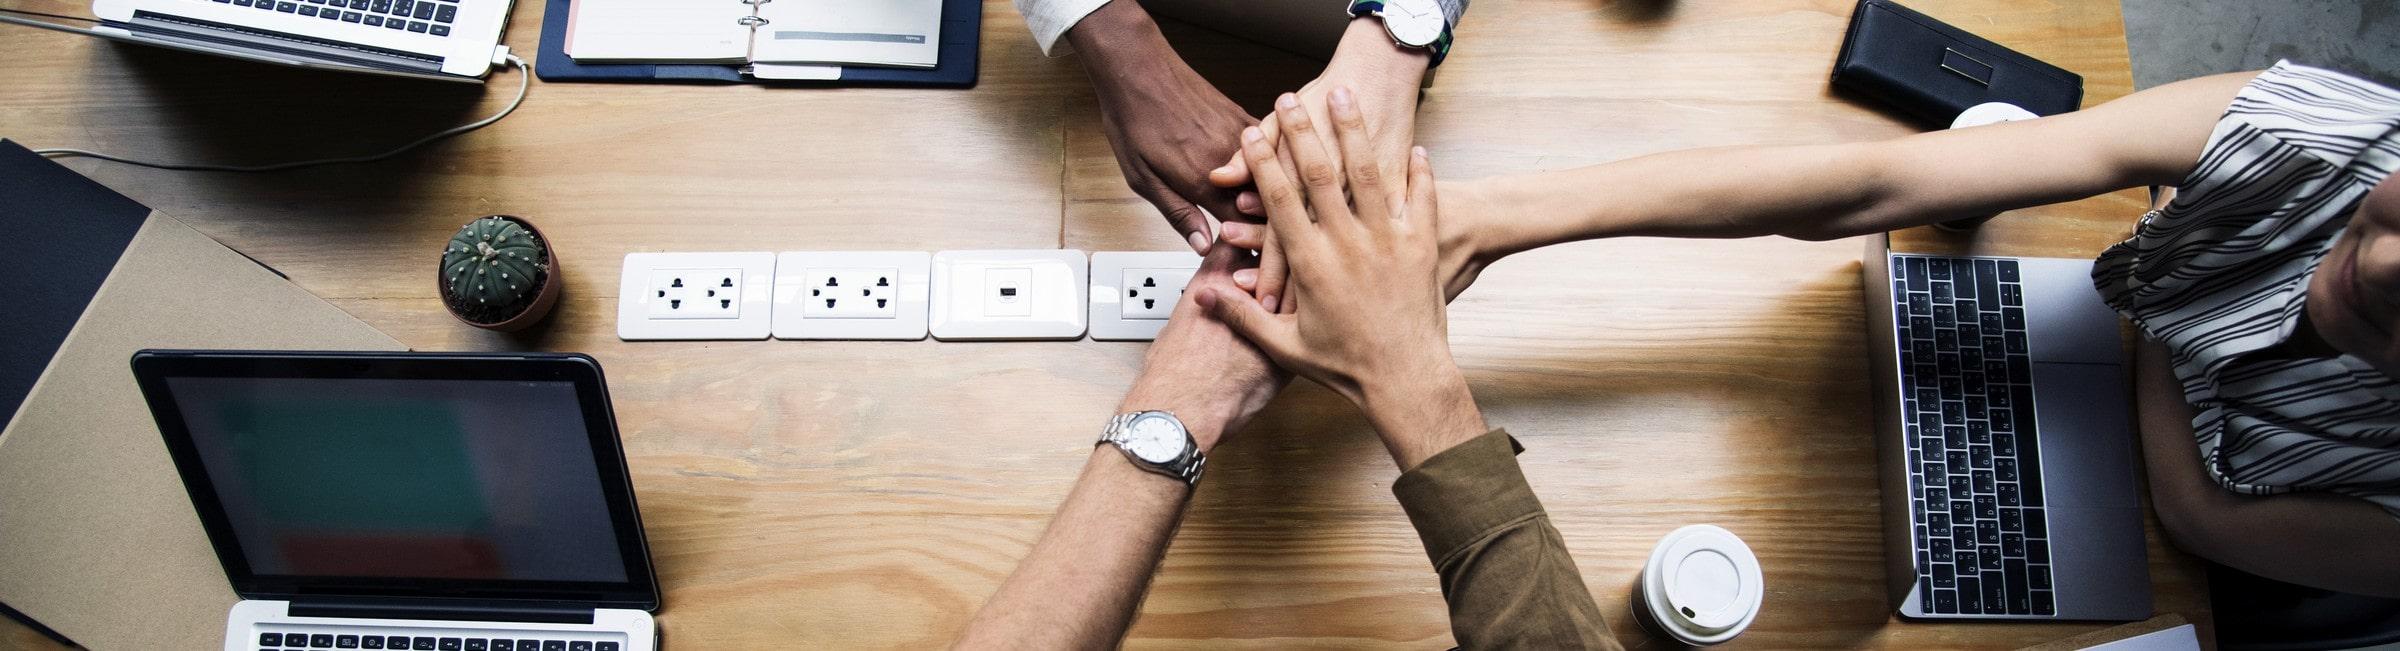 cohesion d une equipe de travail